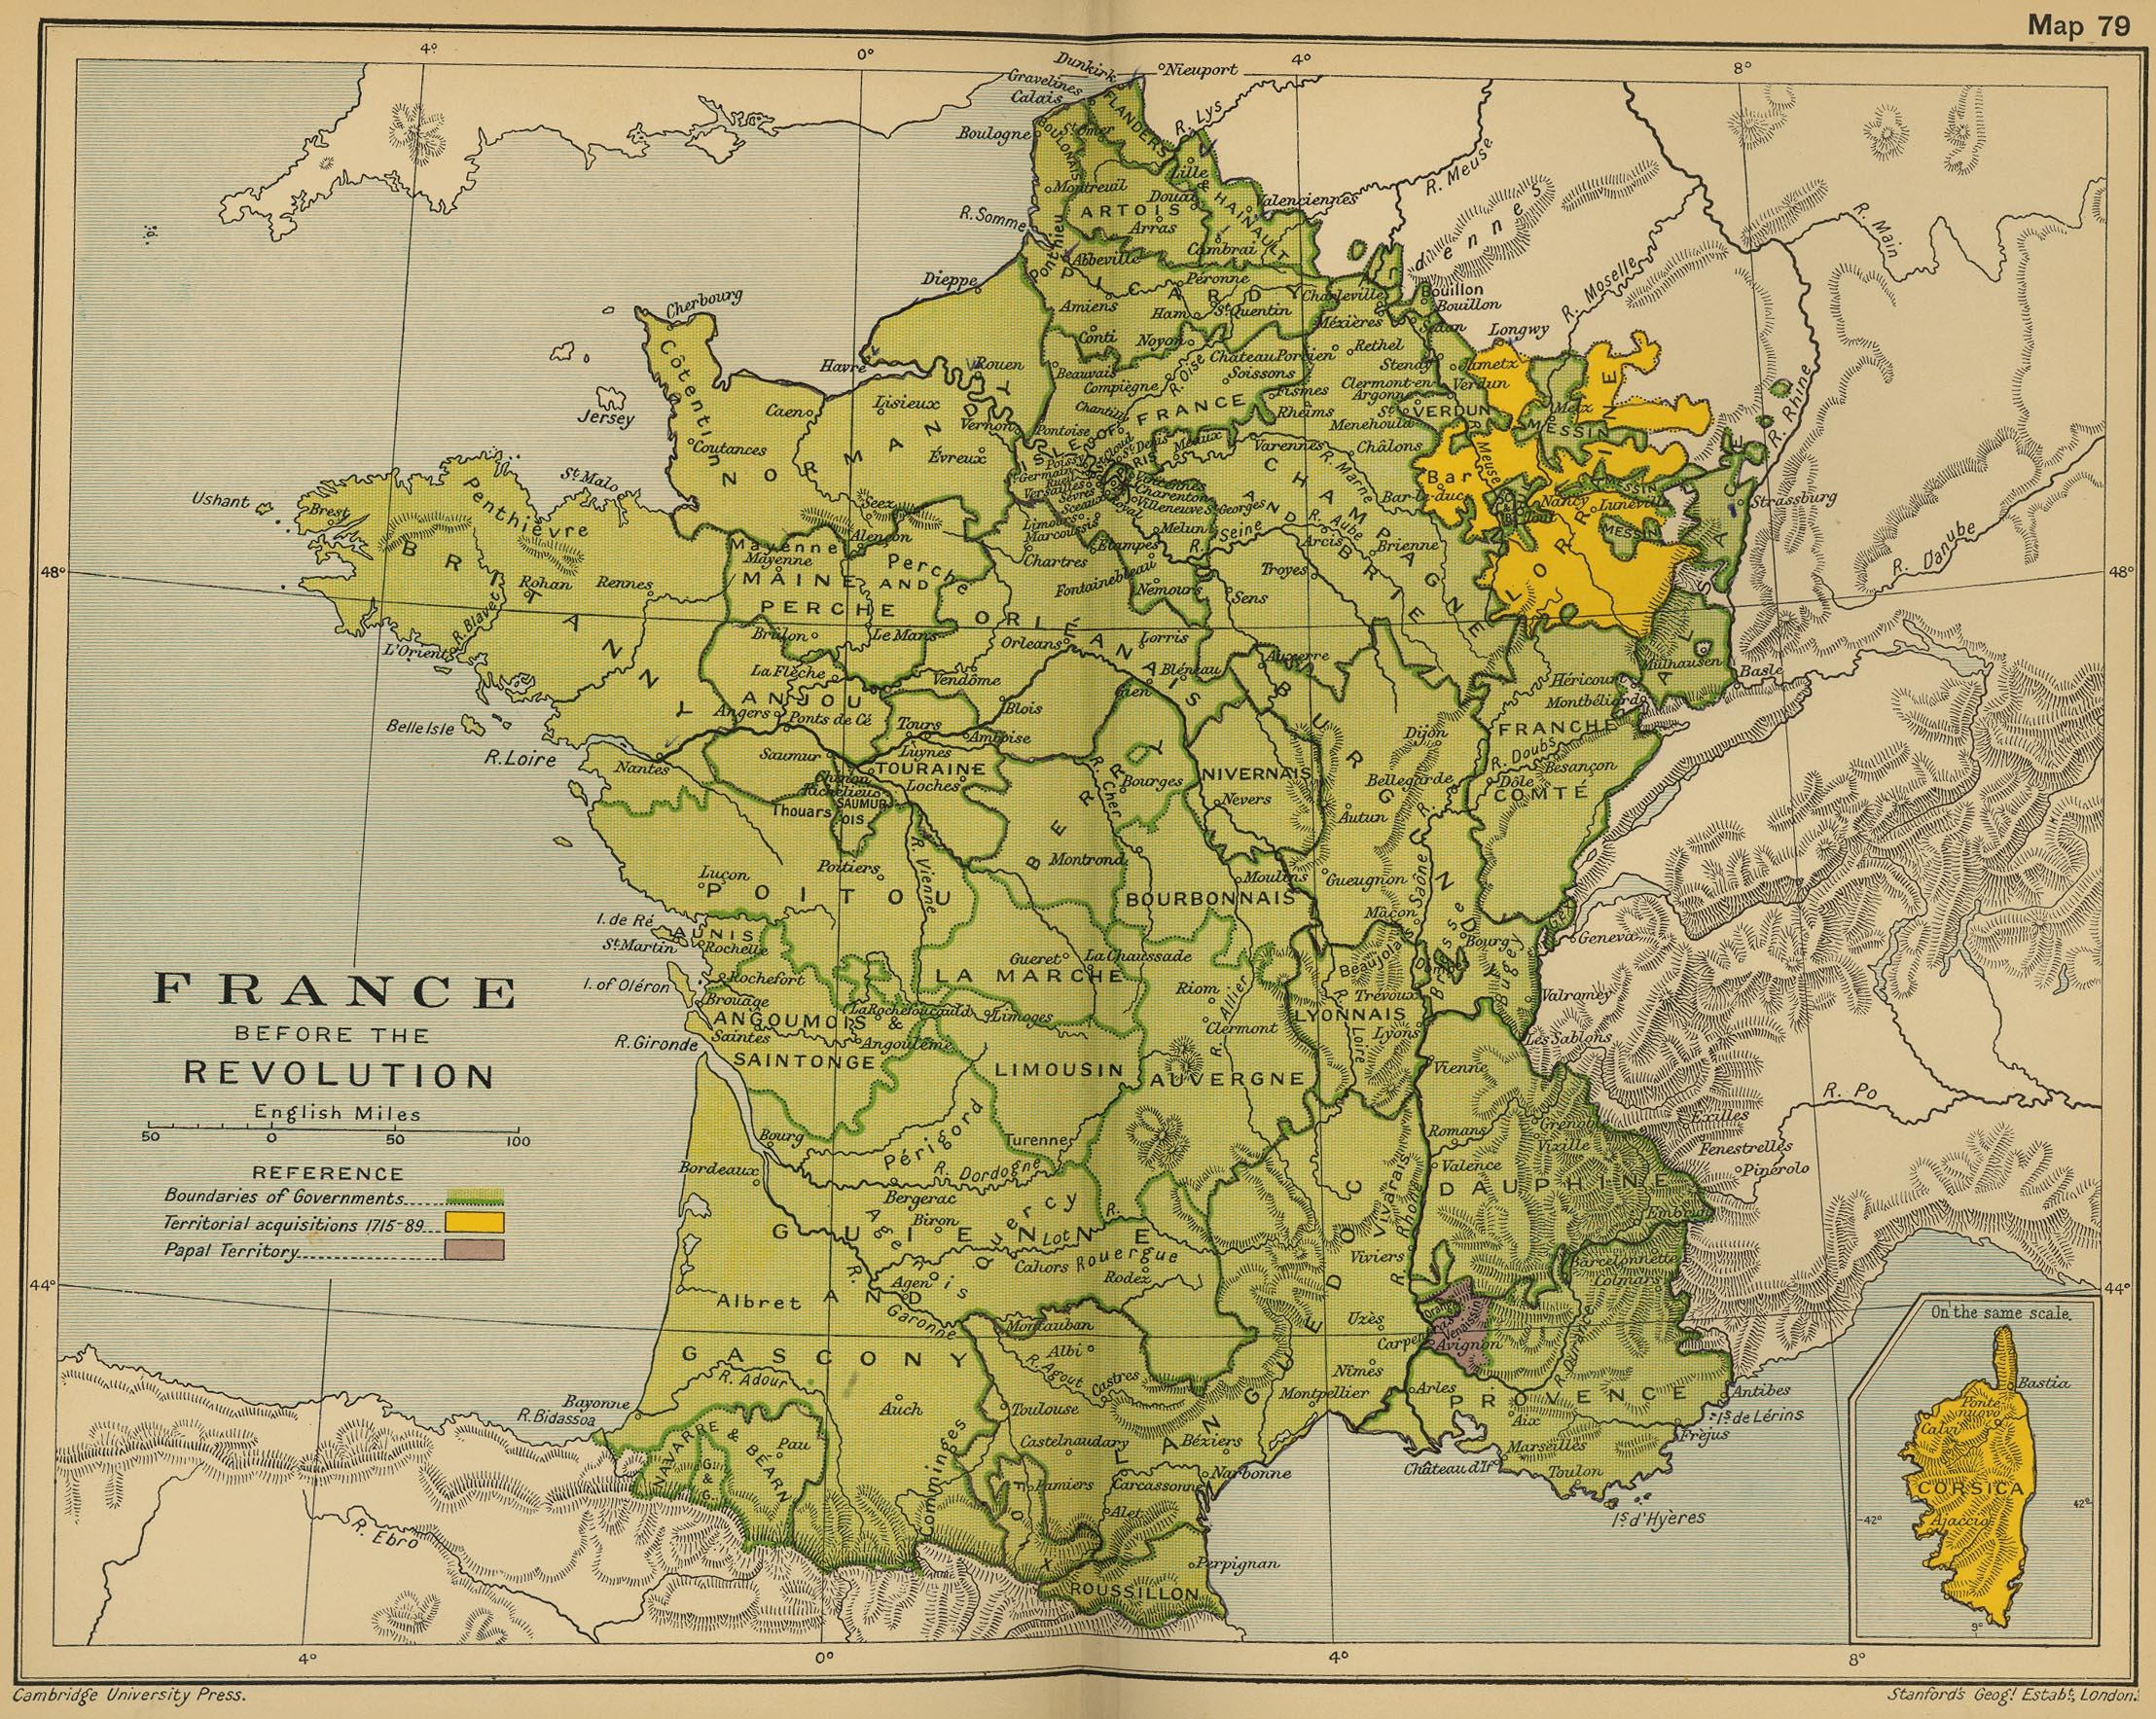 Francia antes de la Revolución 1789